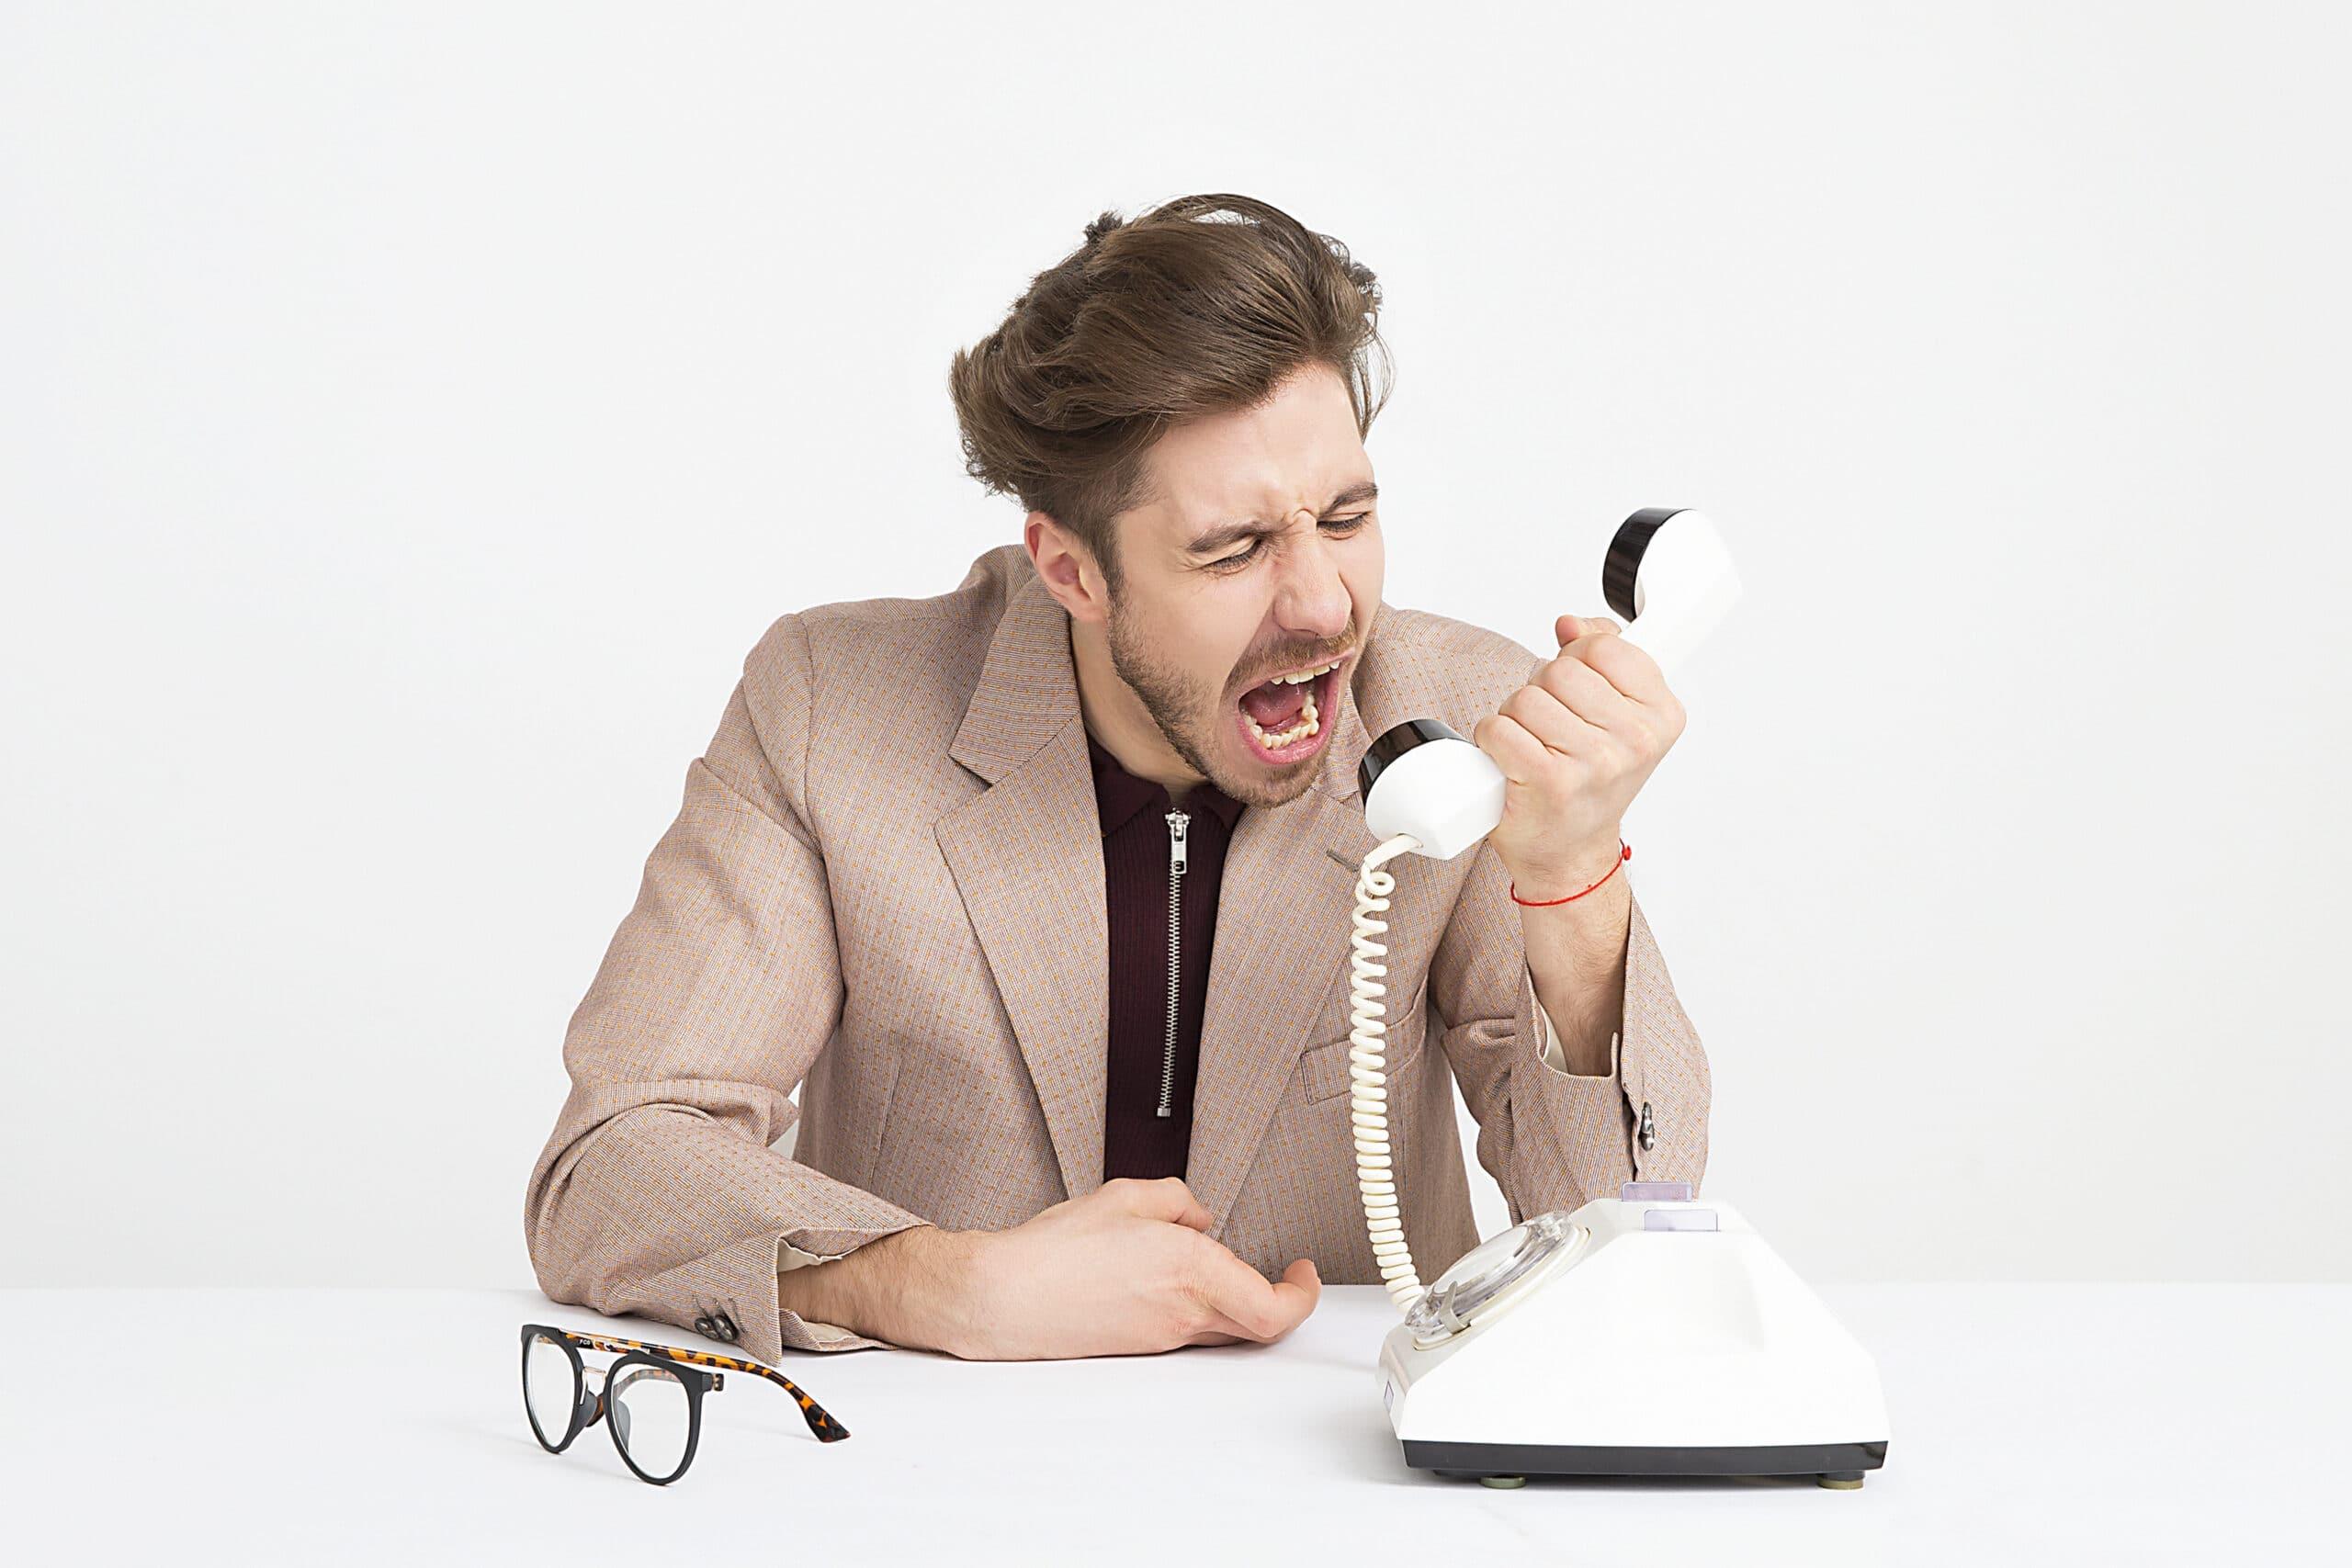 Pourquoi choisir un service de secrétariat en ligne ?